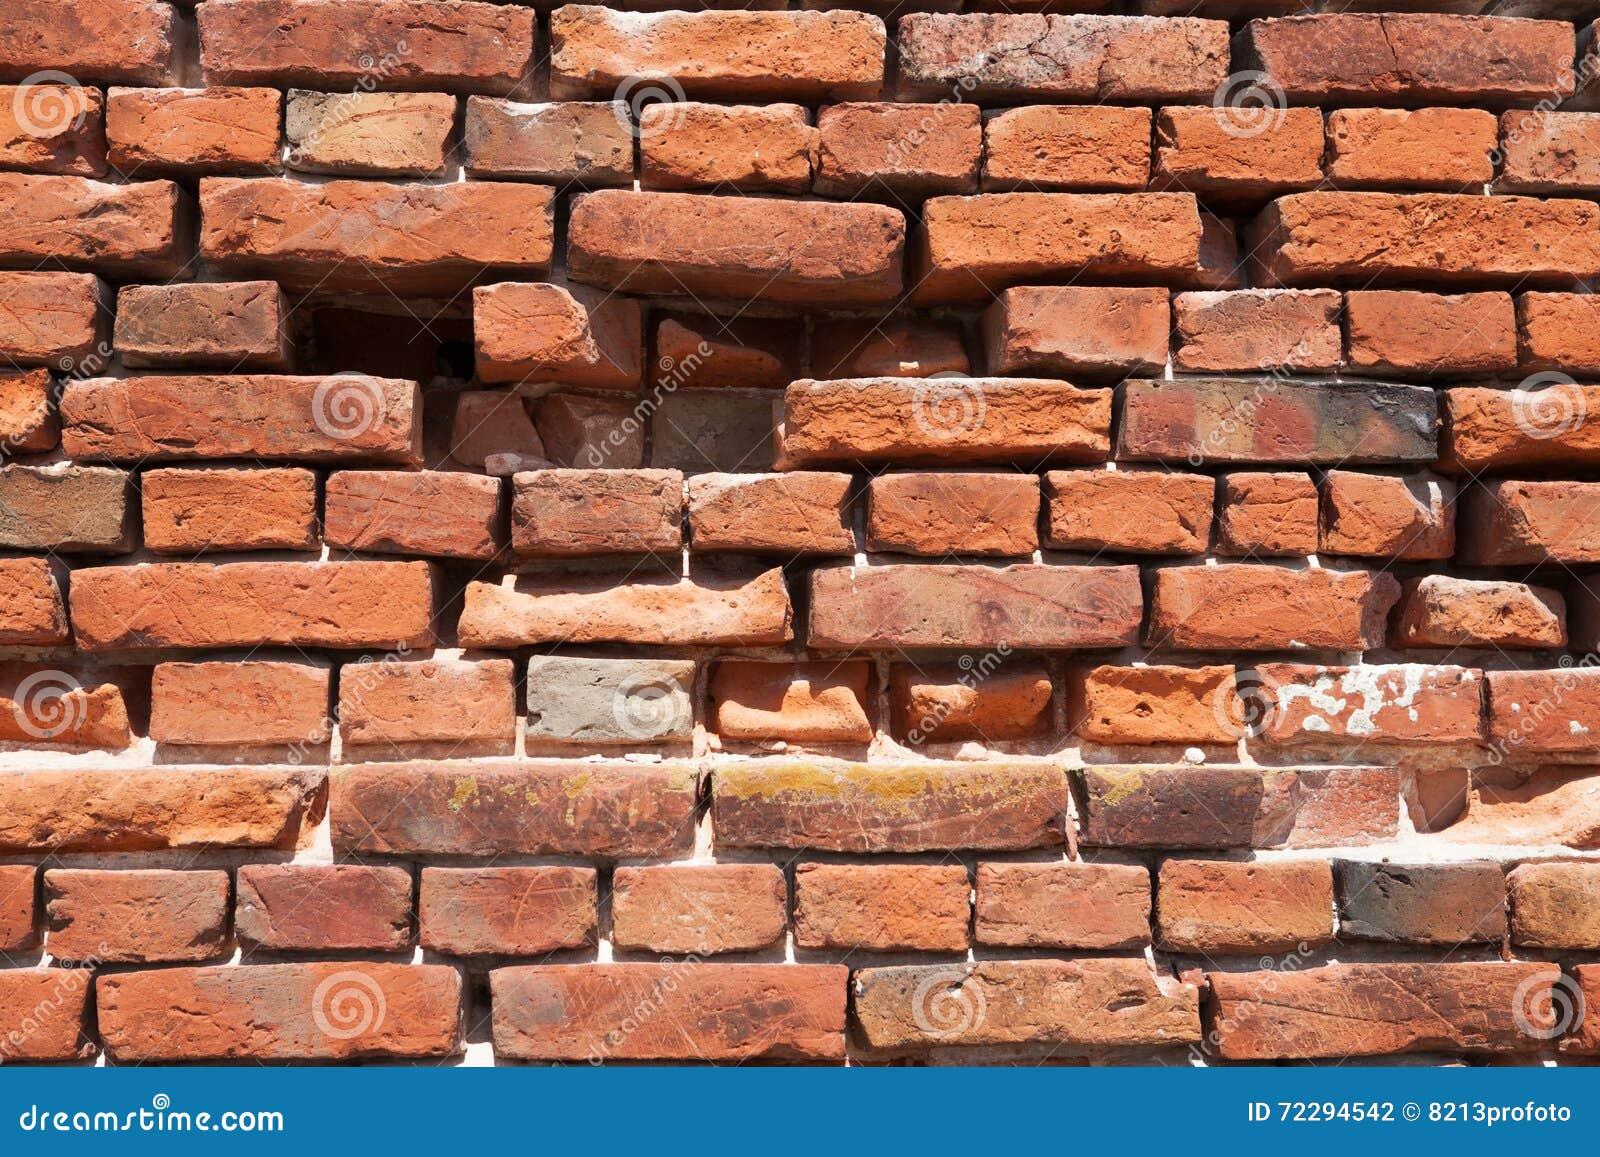 Download Предпосылка кирпичной стены, треснутая кирпичная стена Стоковое Фото - изображение насчитывающей старо, backhoe: 72294542